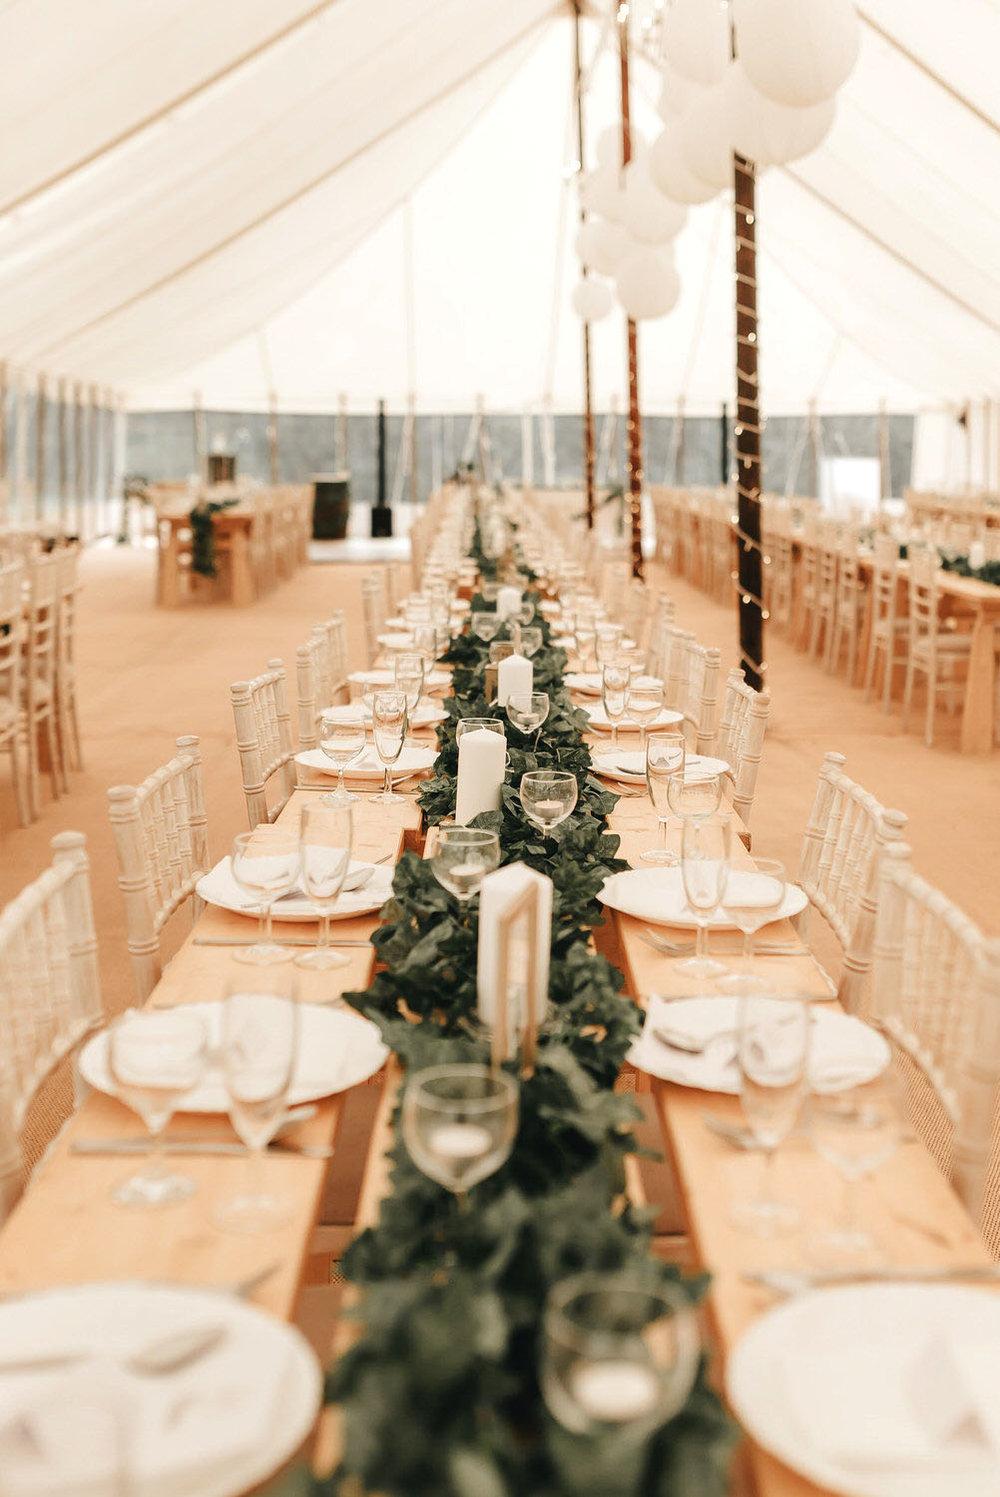 brook-farm-cuffley-outdoor-wedding-essex-20.jpg